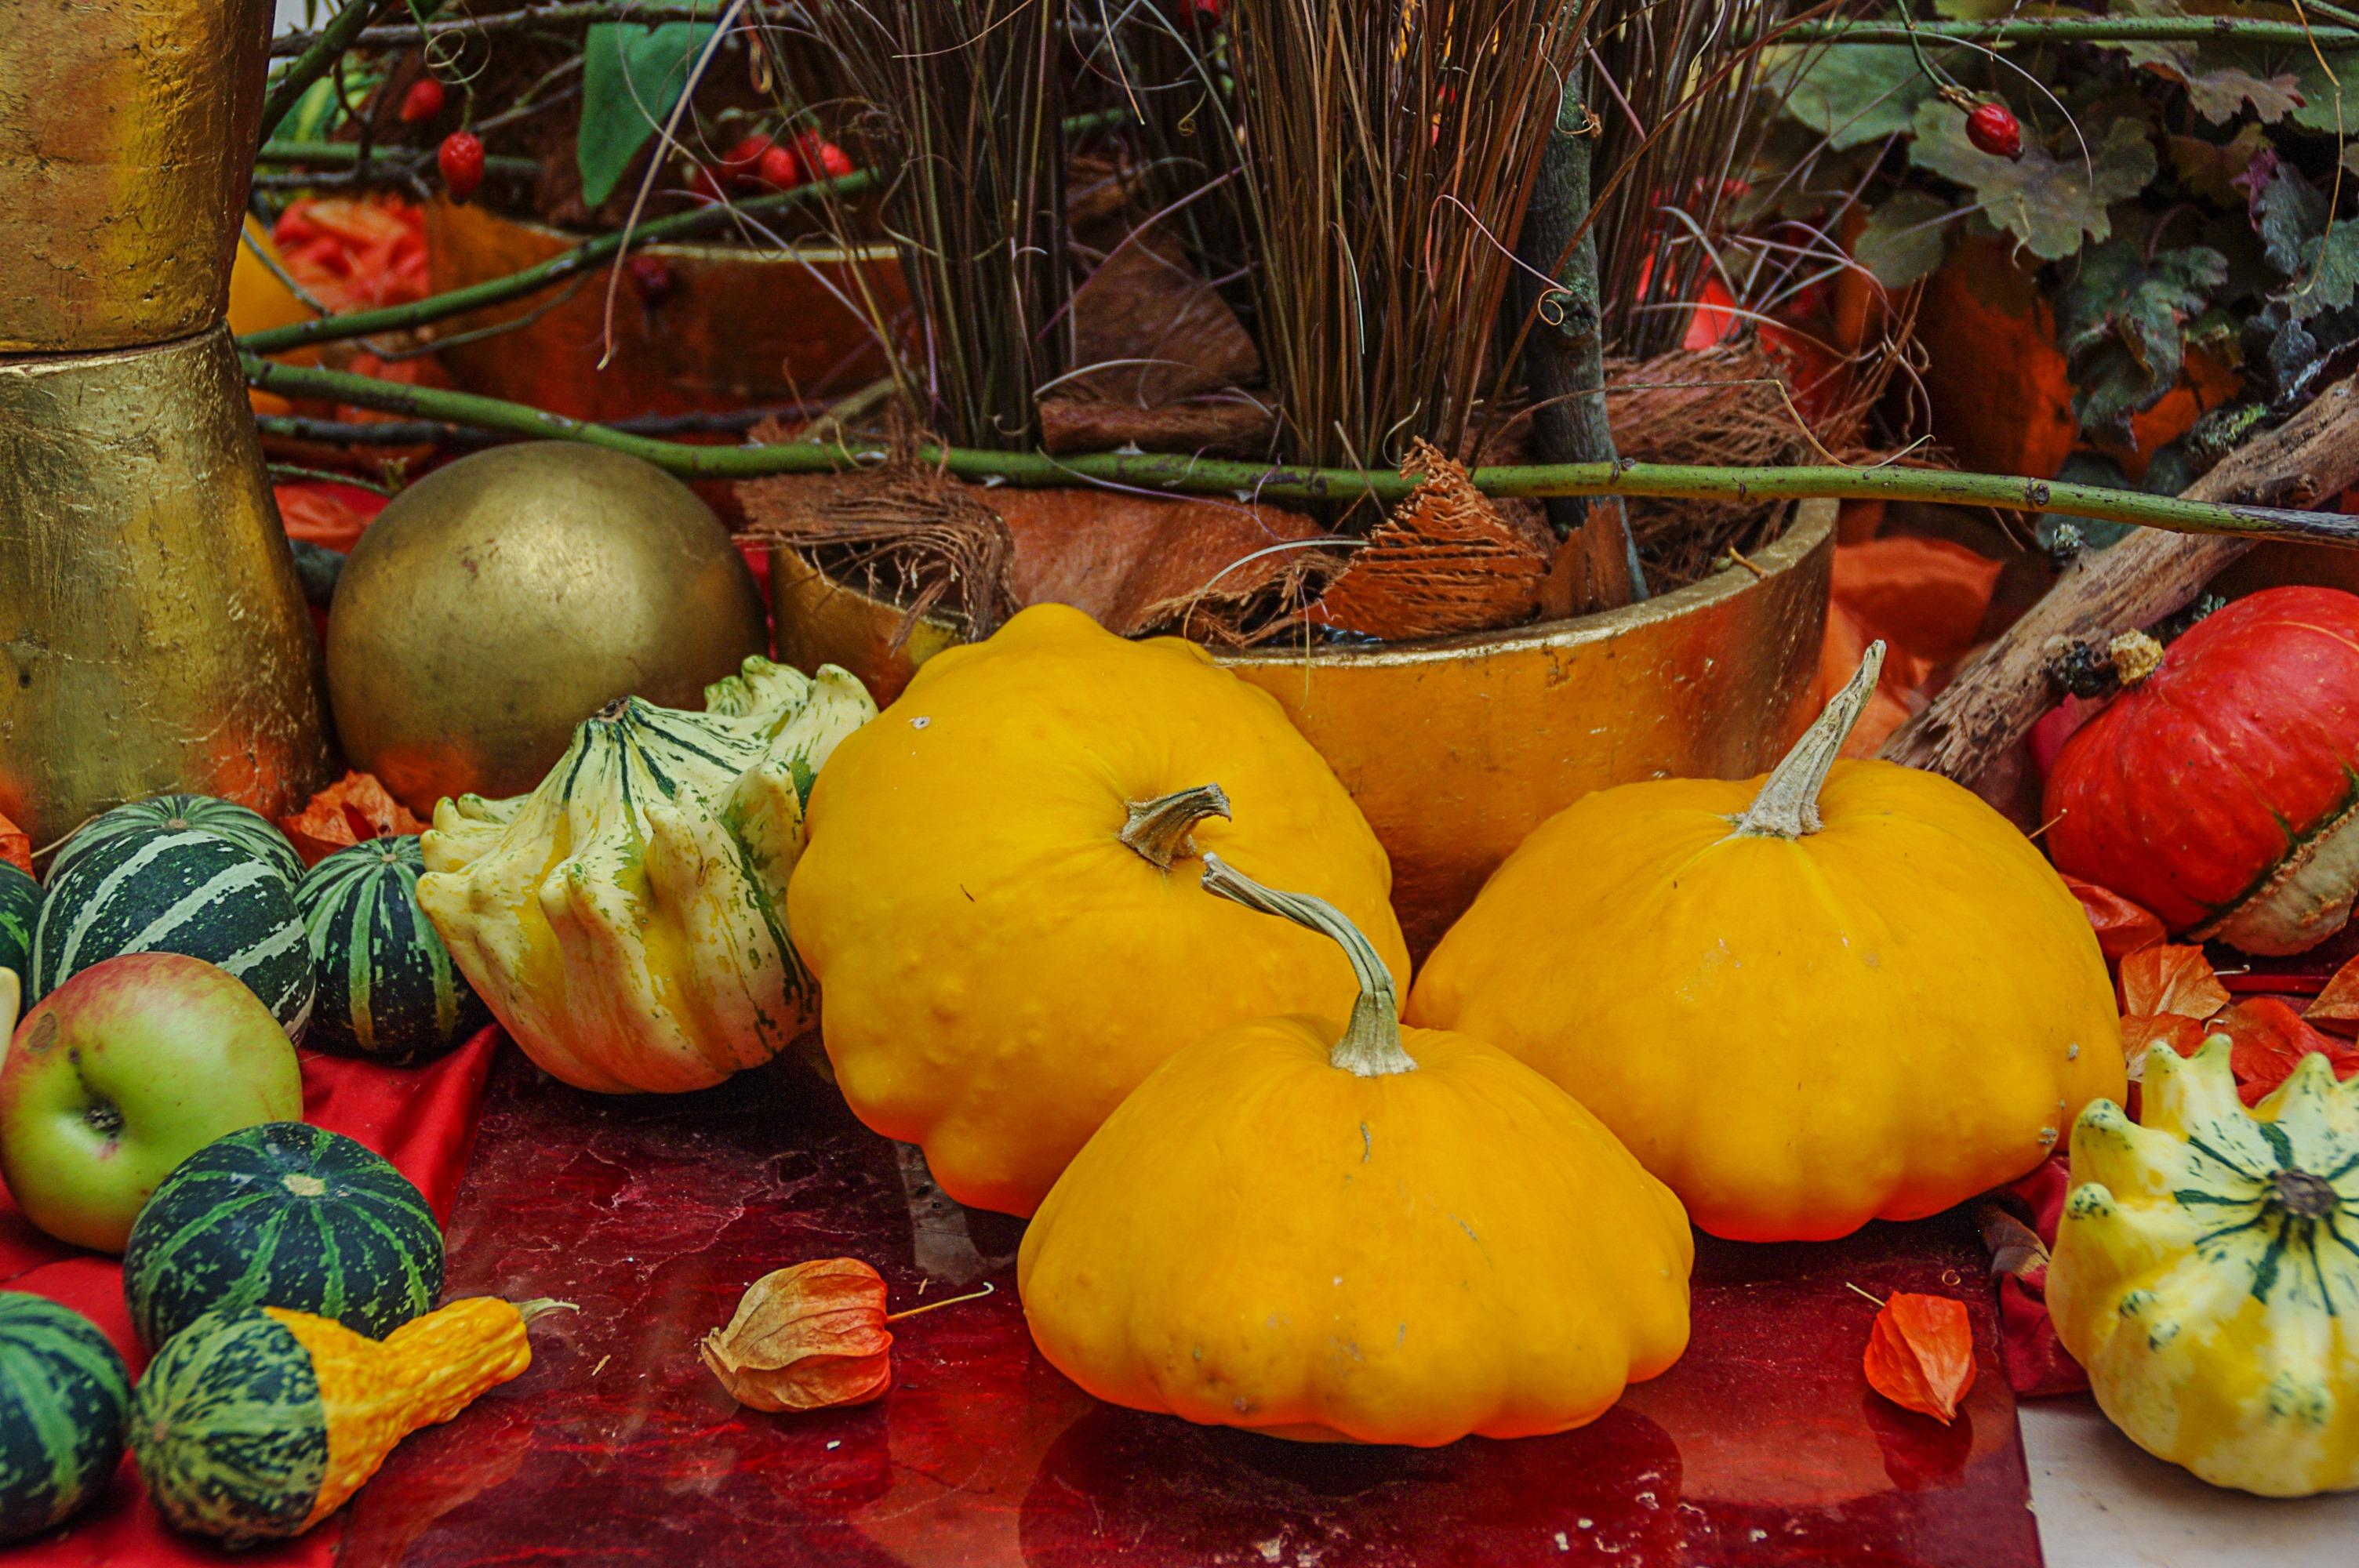 Kostenlose foto : Dekoration, Lebensmittel, produzieren, Gemüse ...